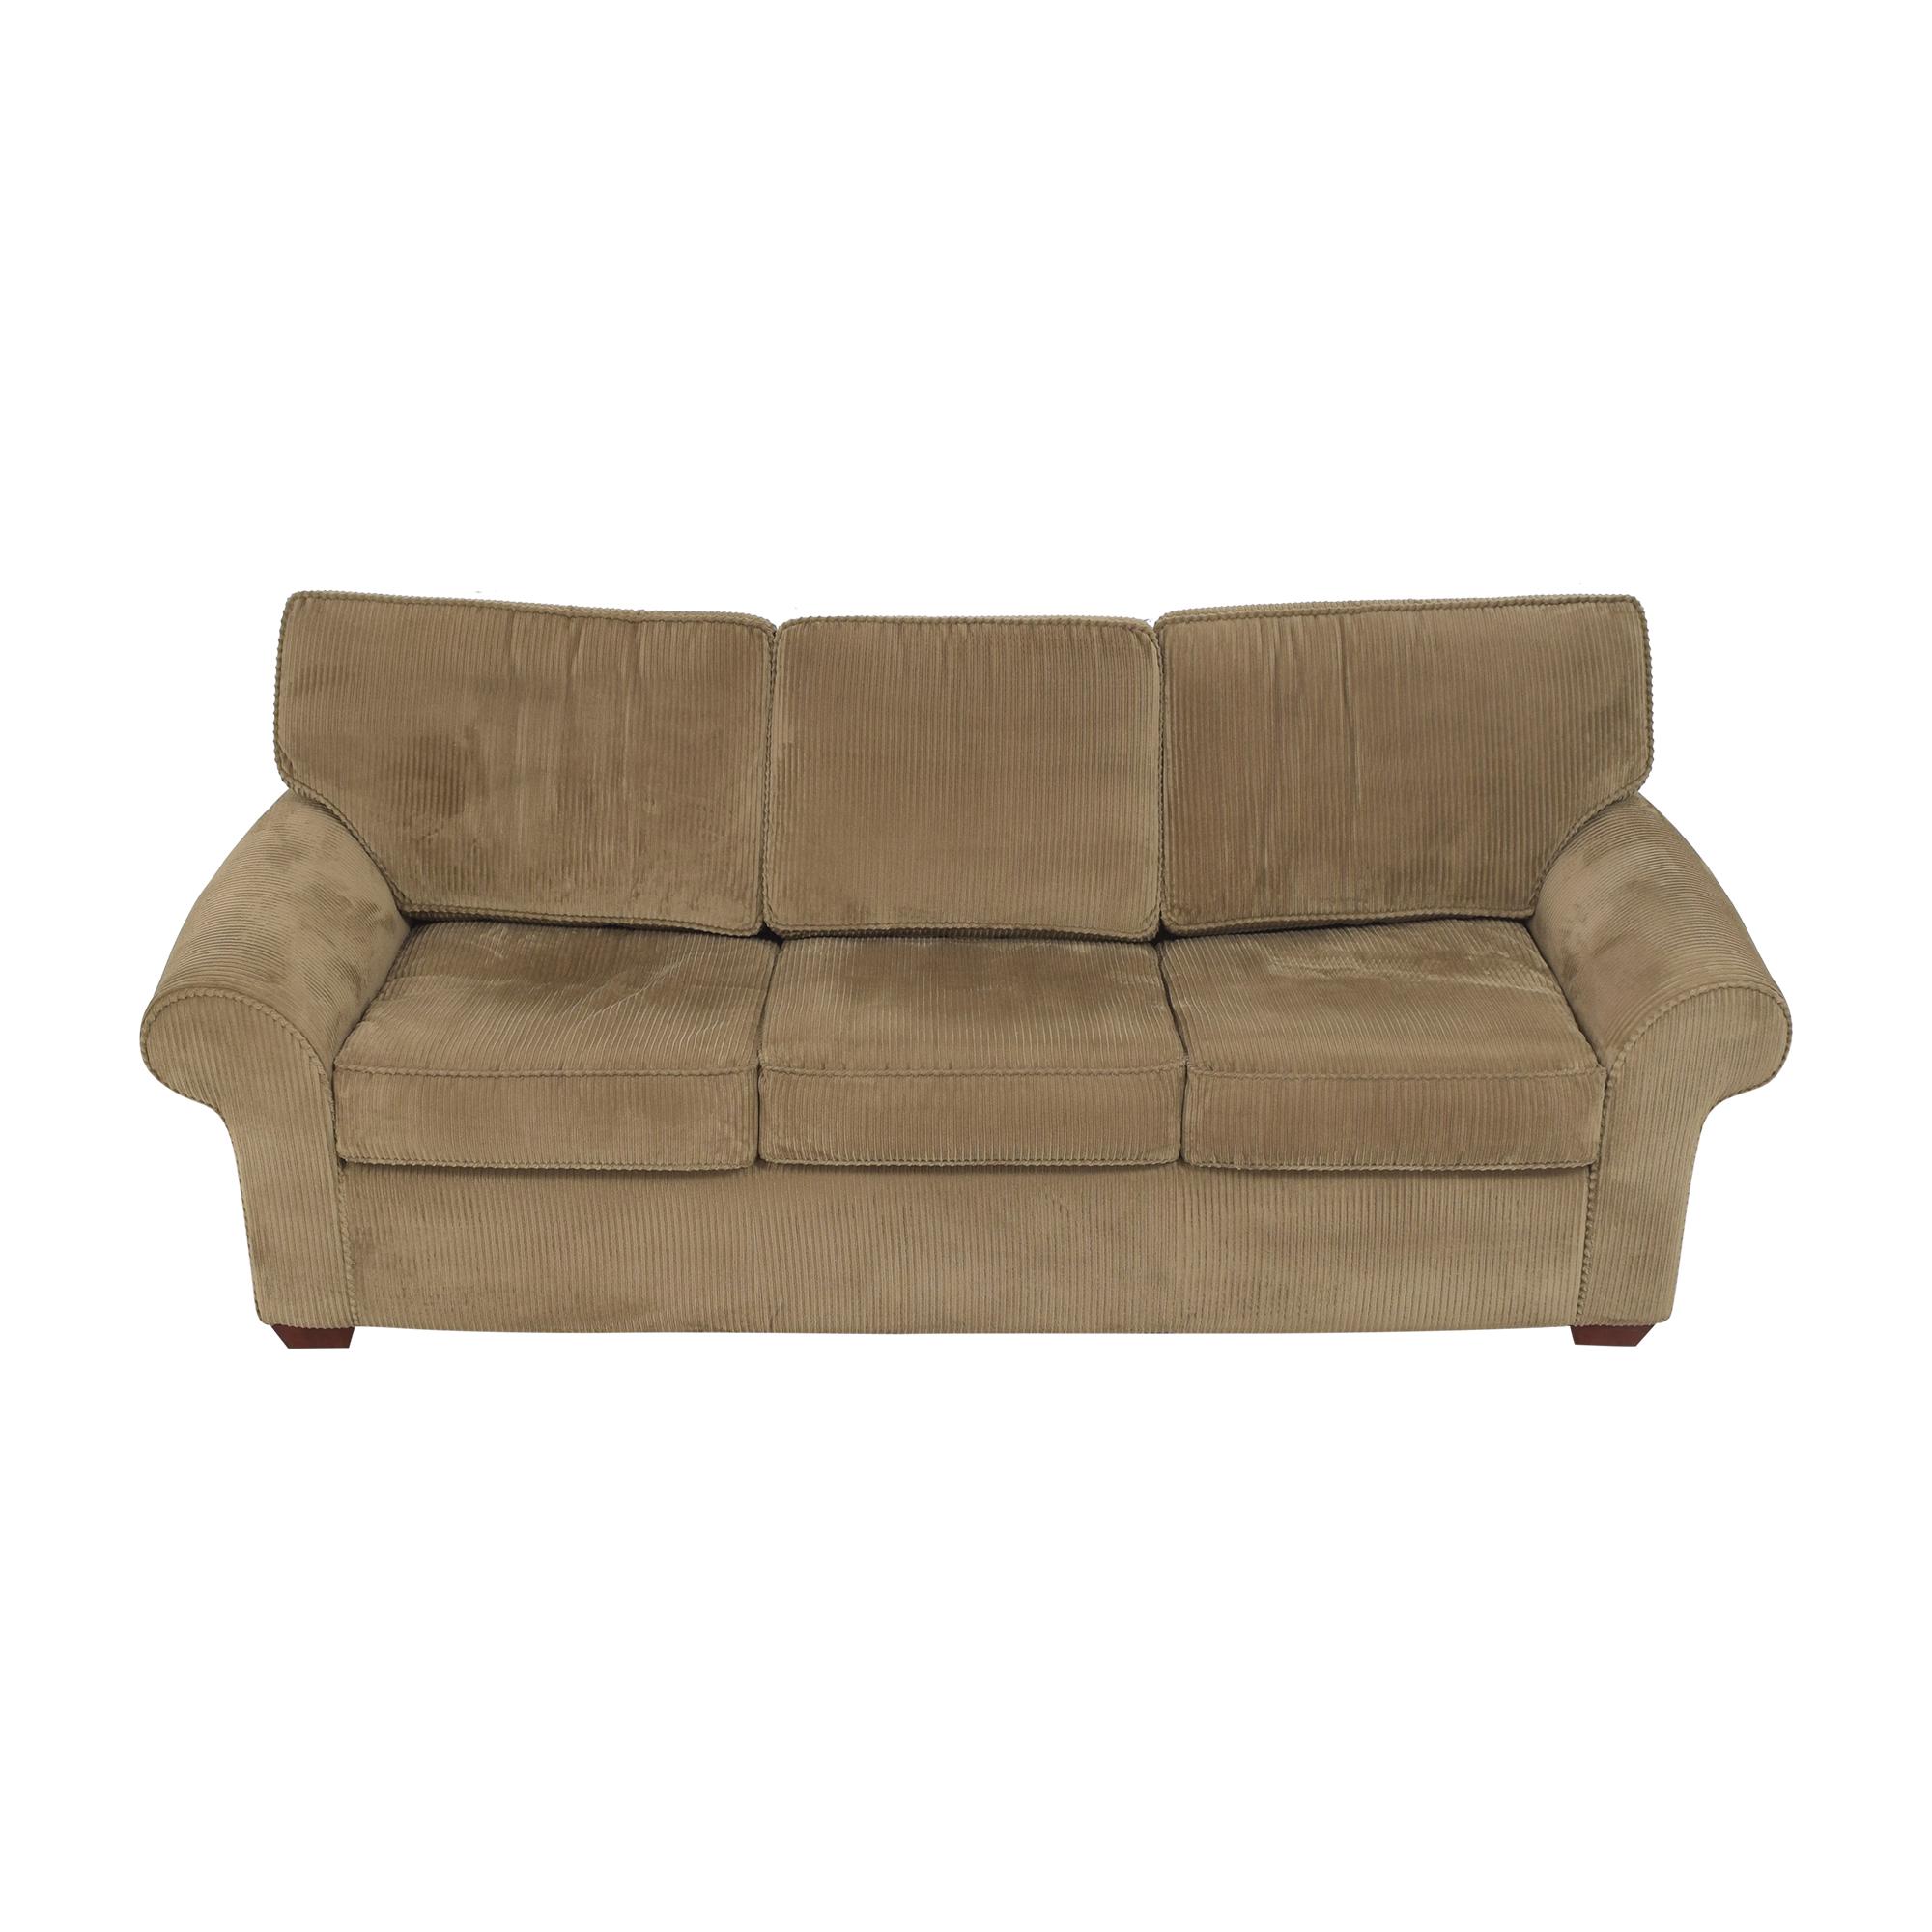 buy Sealy Three Cushion Sleeper Sofa Sealy Sofas